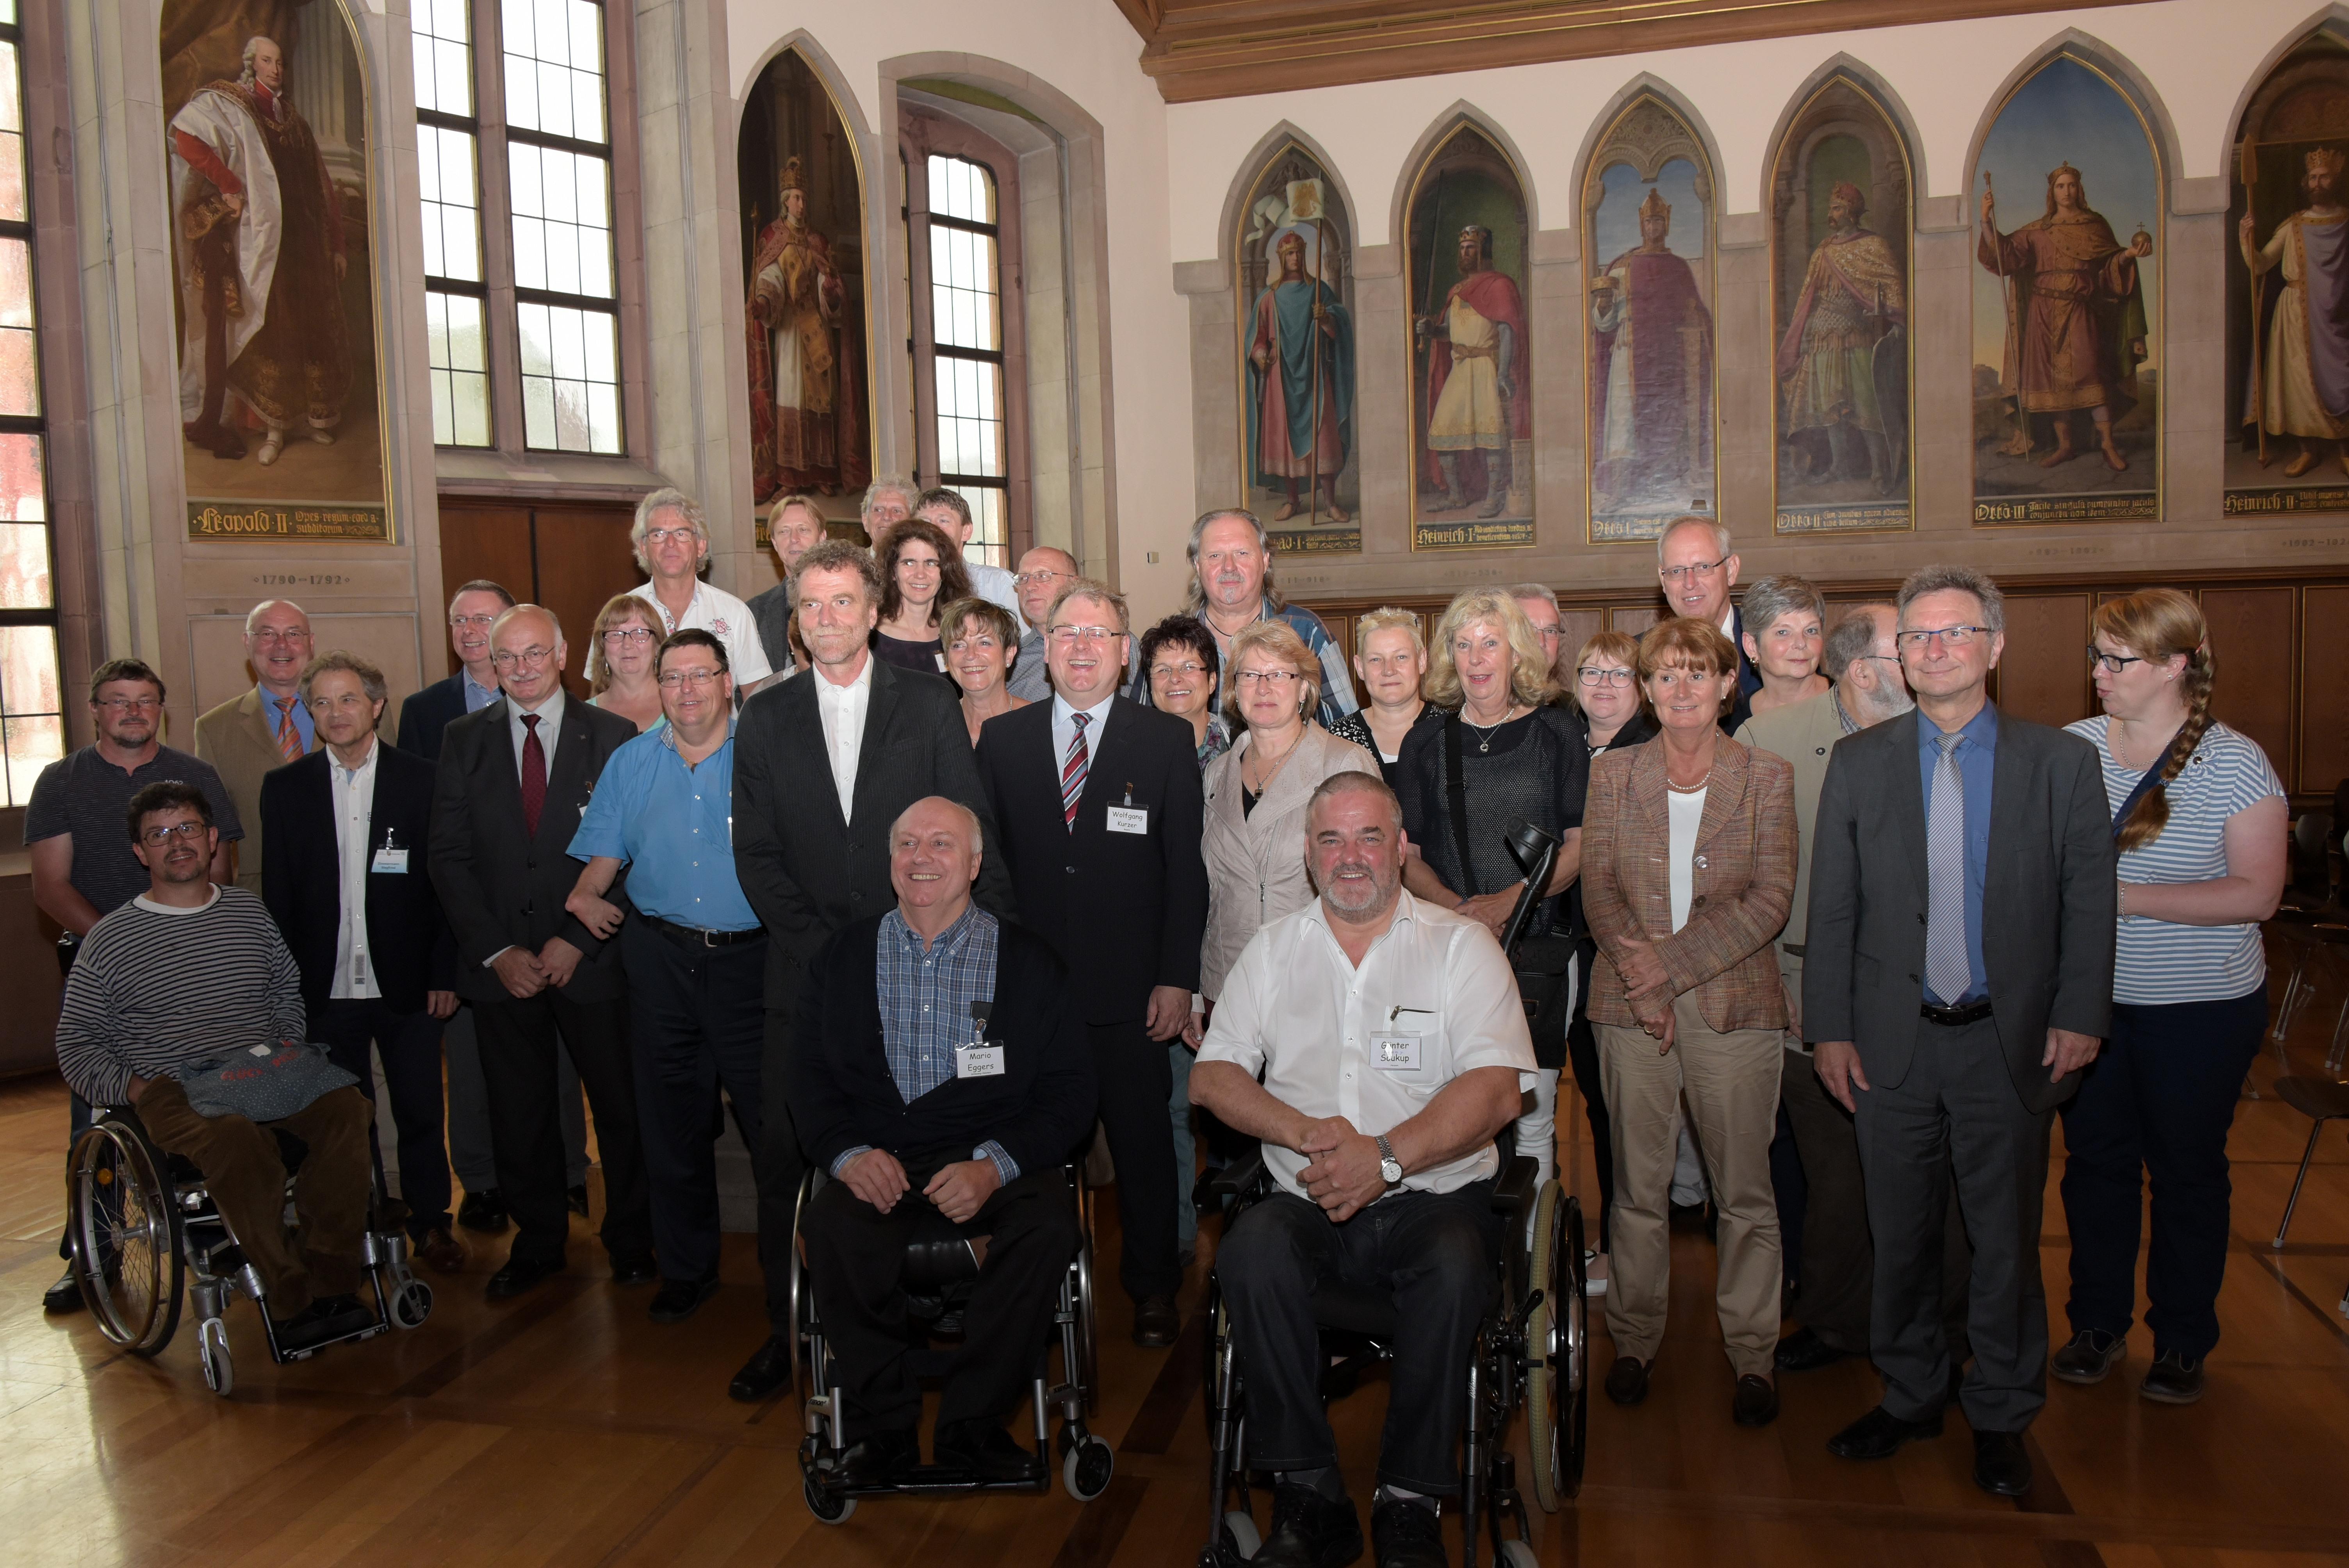 Gruppenfoto: Empfang im Römer, 14.06.2016